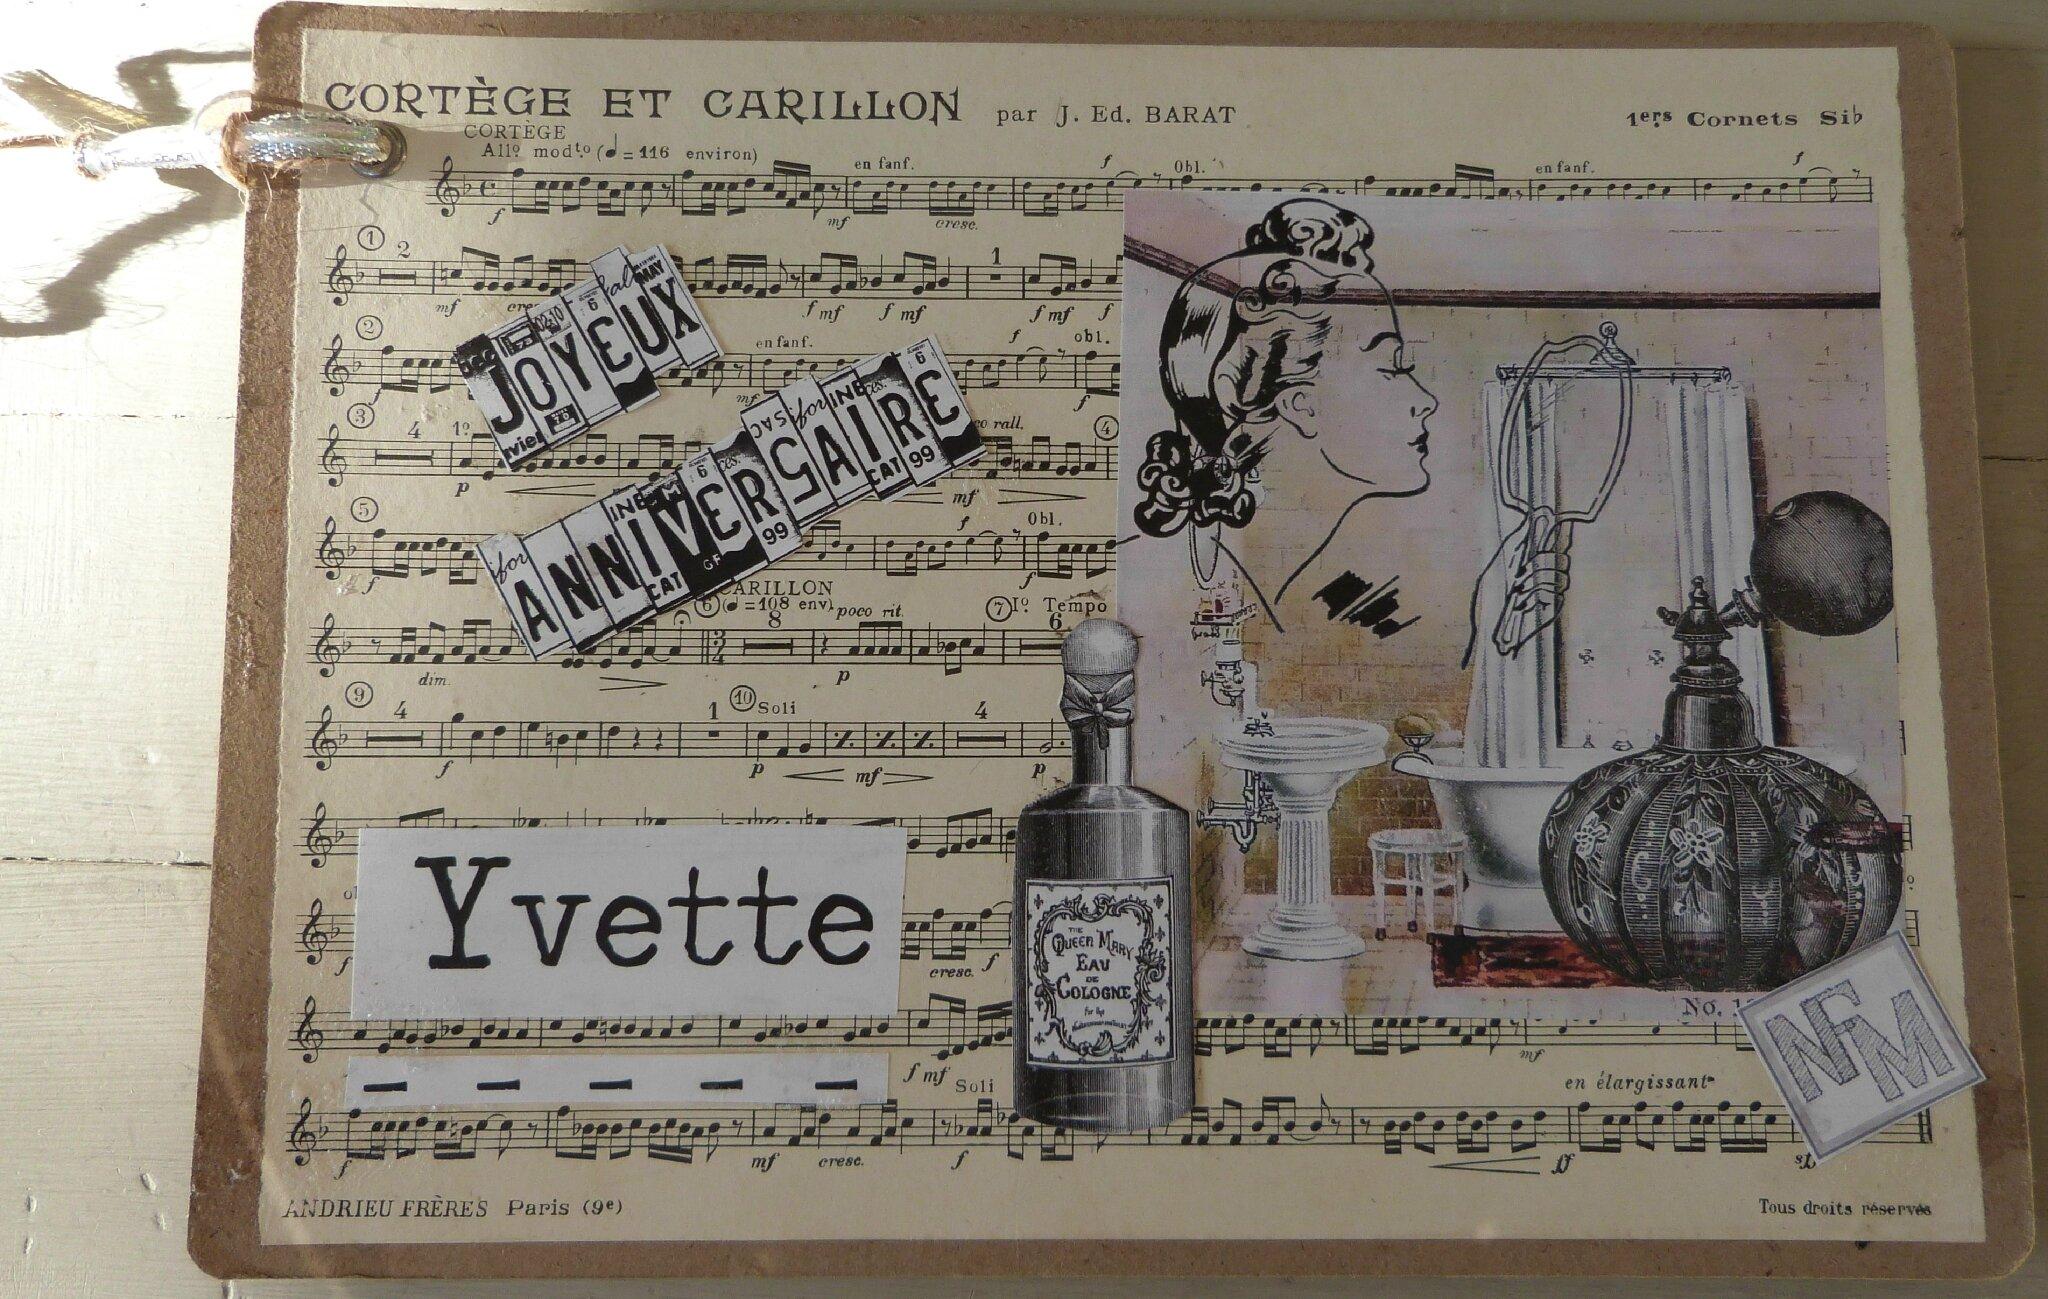 Carte Anniv Yvette 2013 (1)